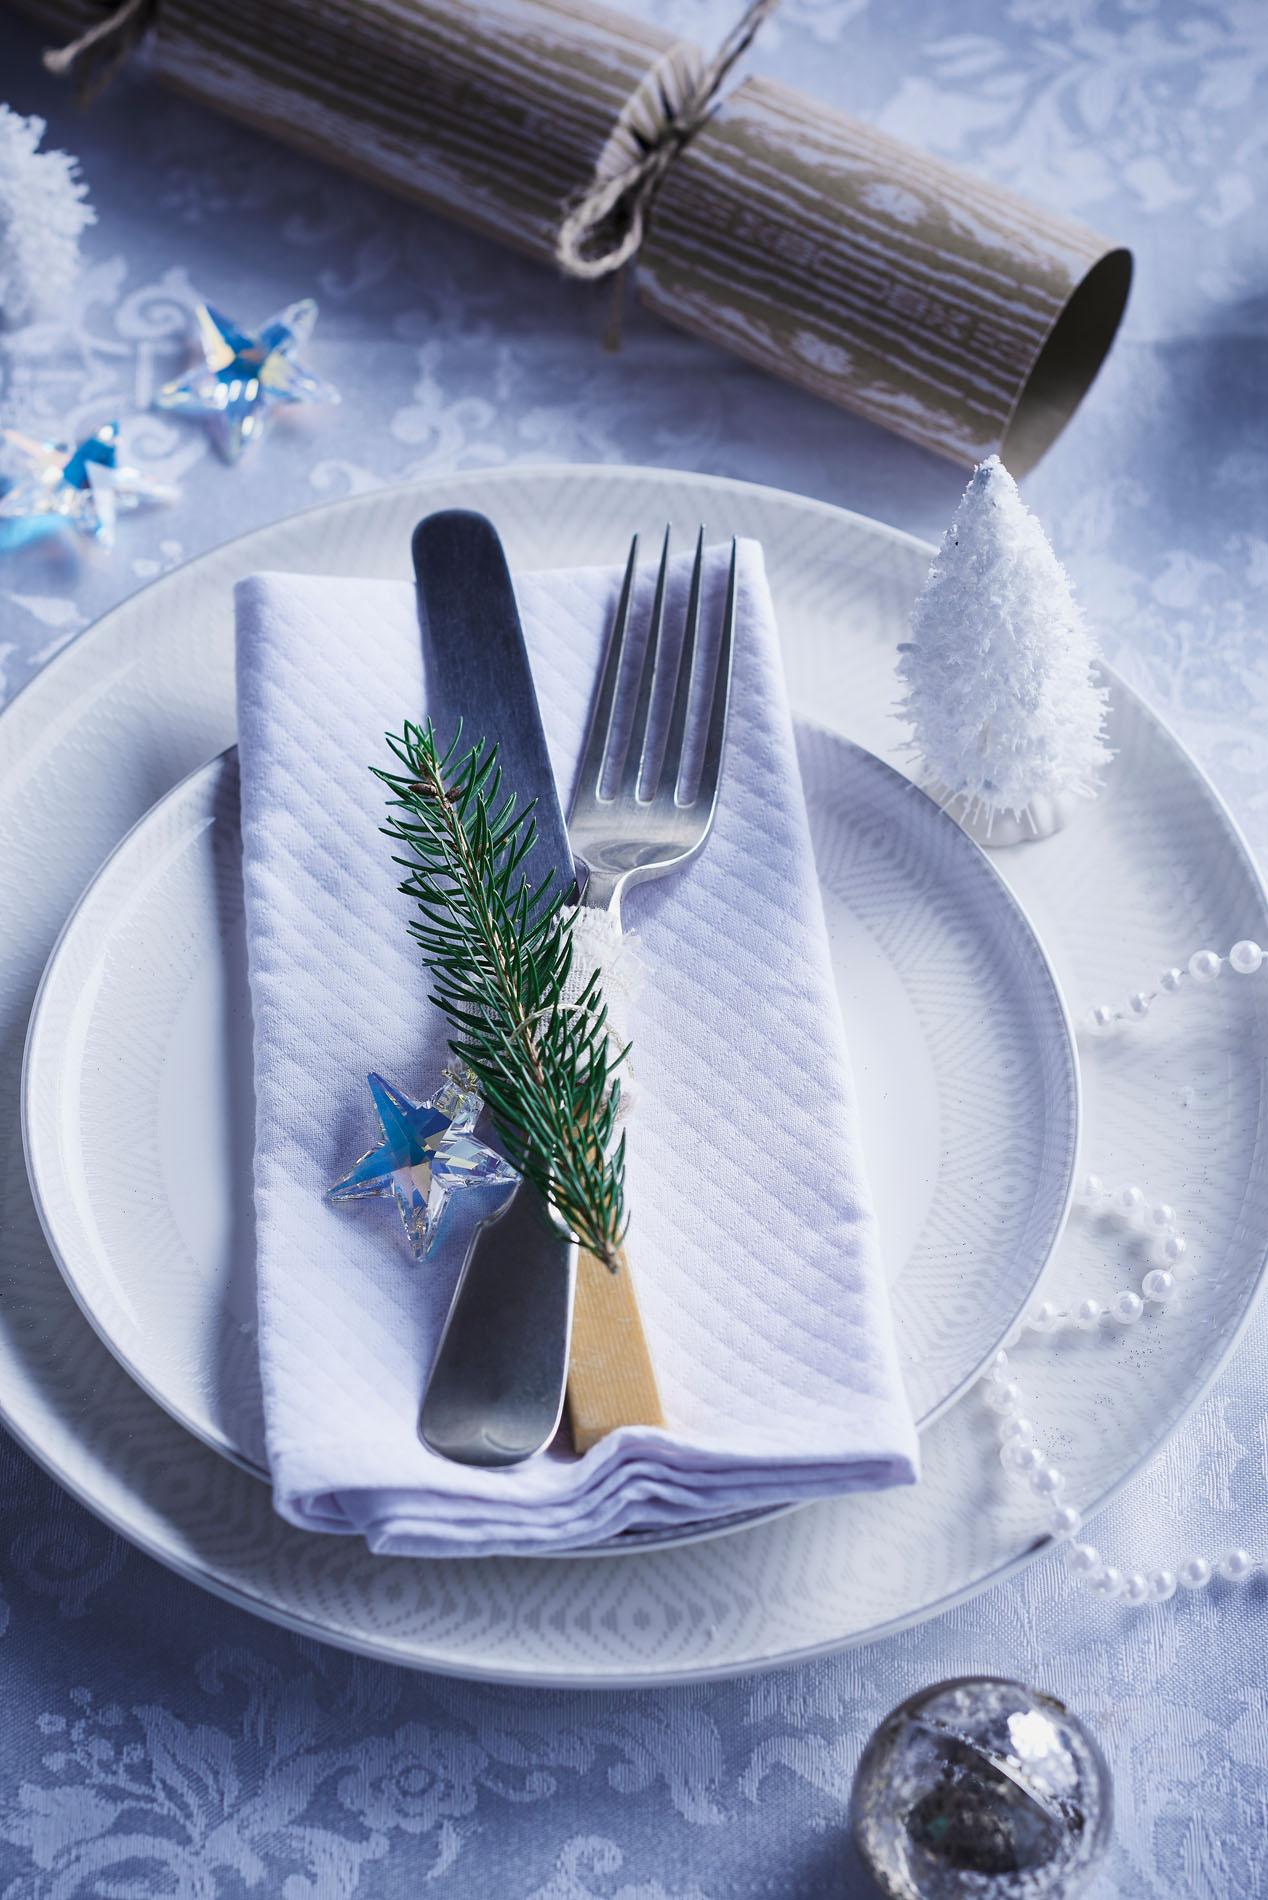 Crisp white Christmas table setting